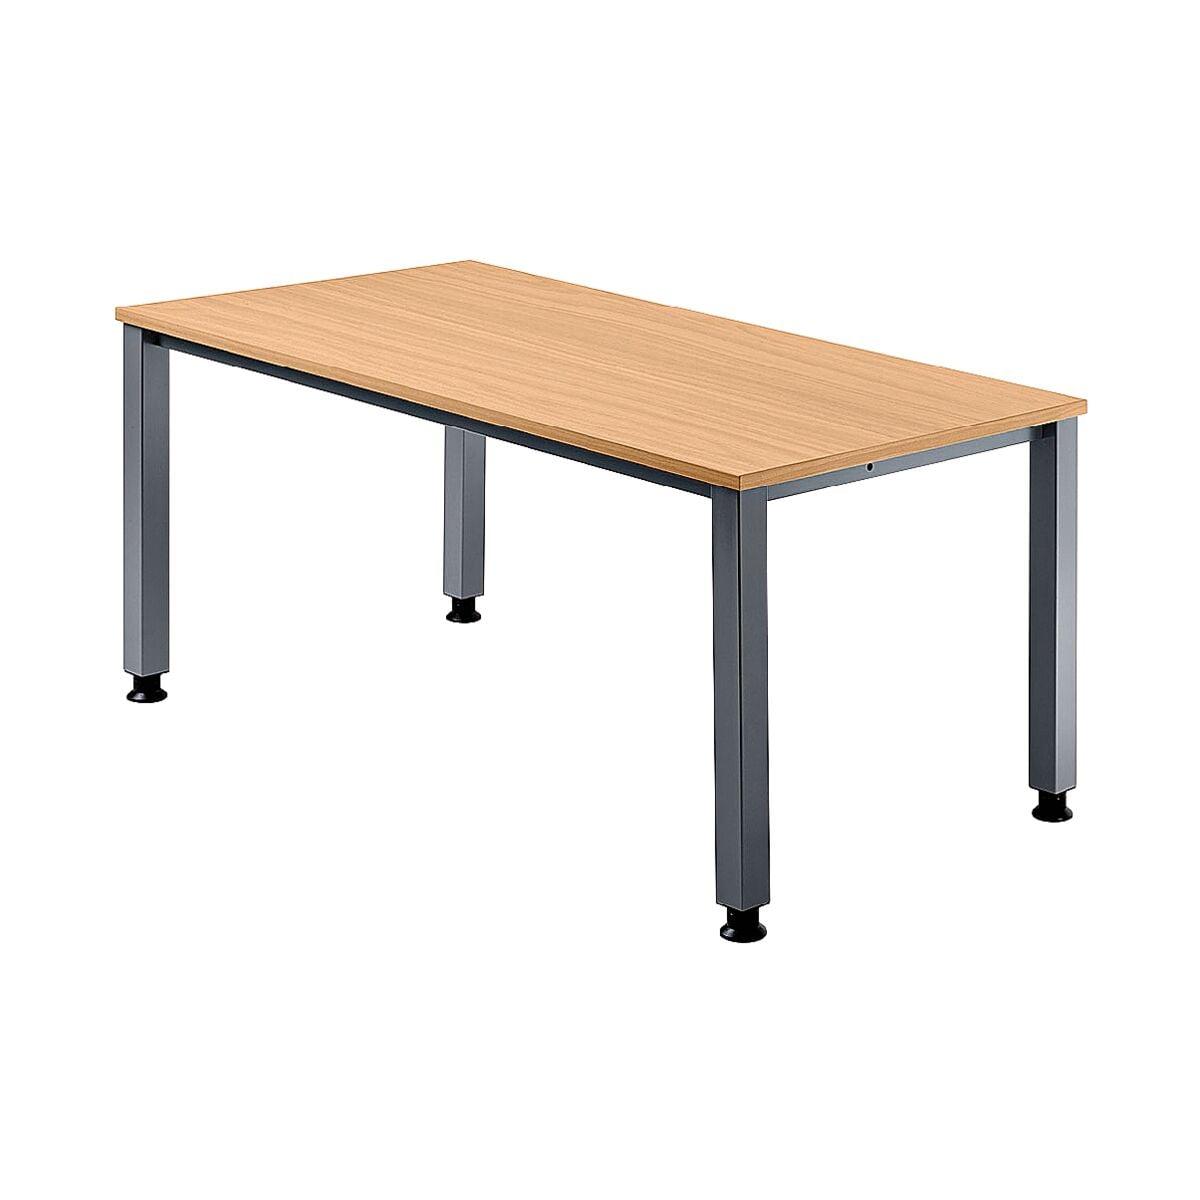 hammerbacher schreibtisch q line 180 cm 4 fu alufarben bei otto office g nstig kaufen. Black Bedroom Furniture Sets. Home Design Ideas